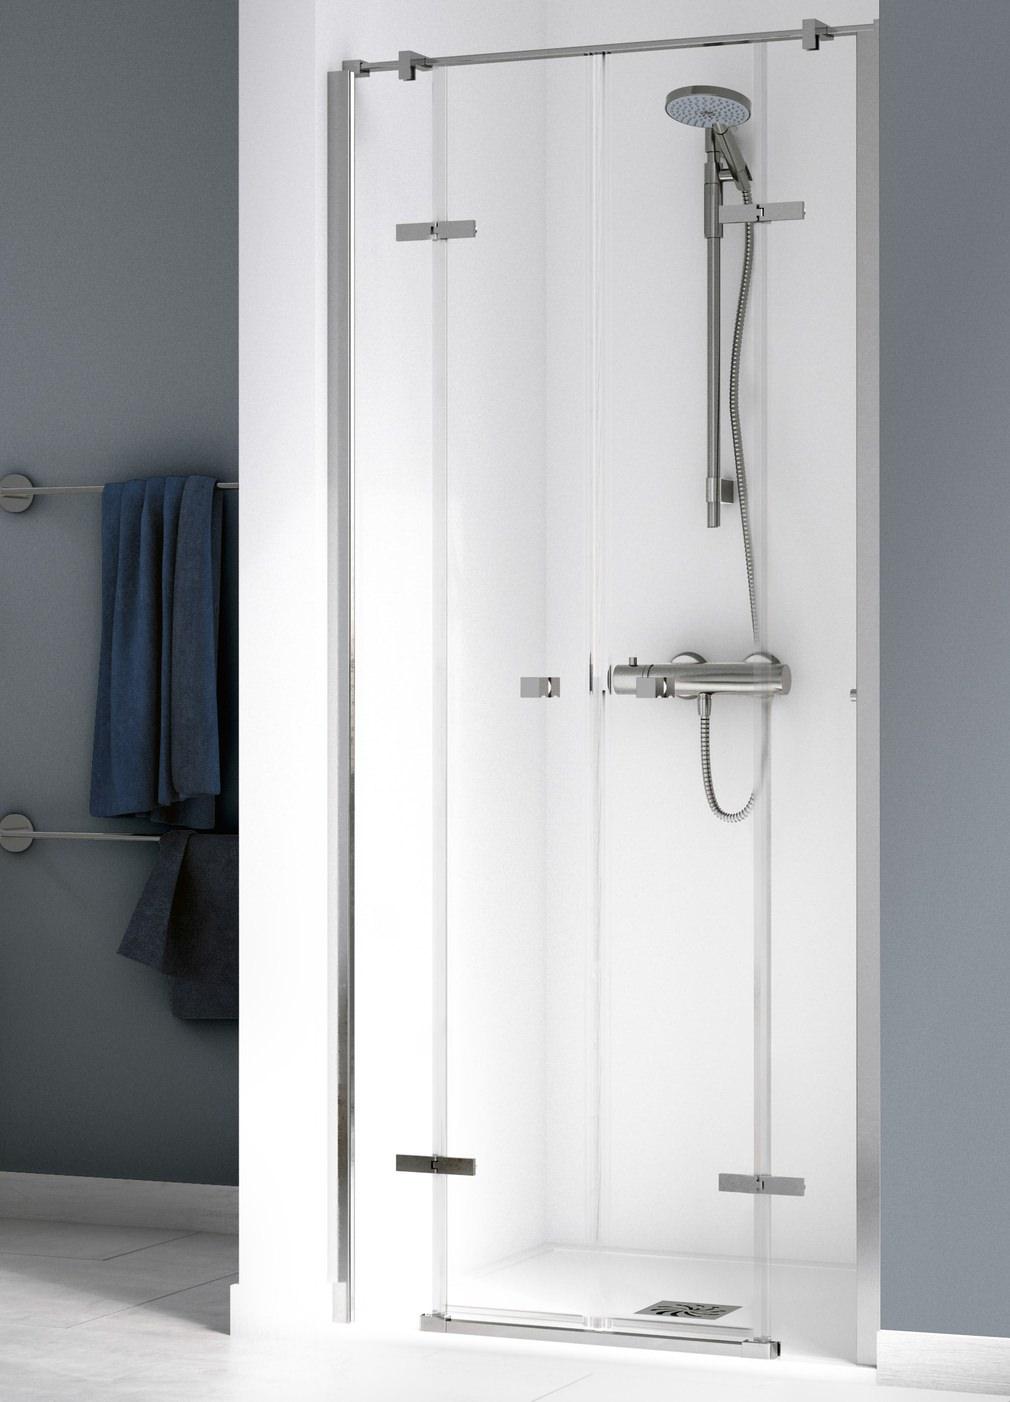 Pivot Shower Doors Hinged Shower Doors From 62 Qs Supplies